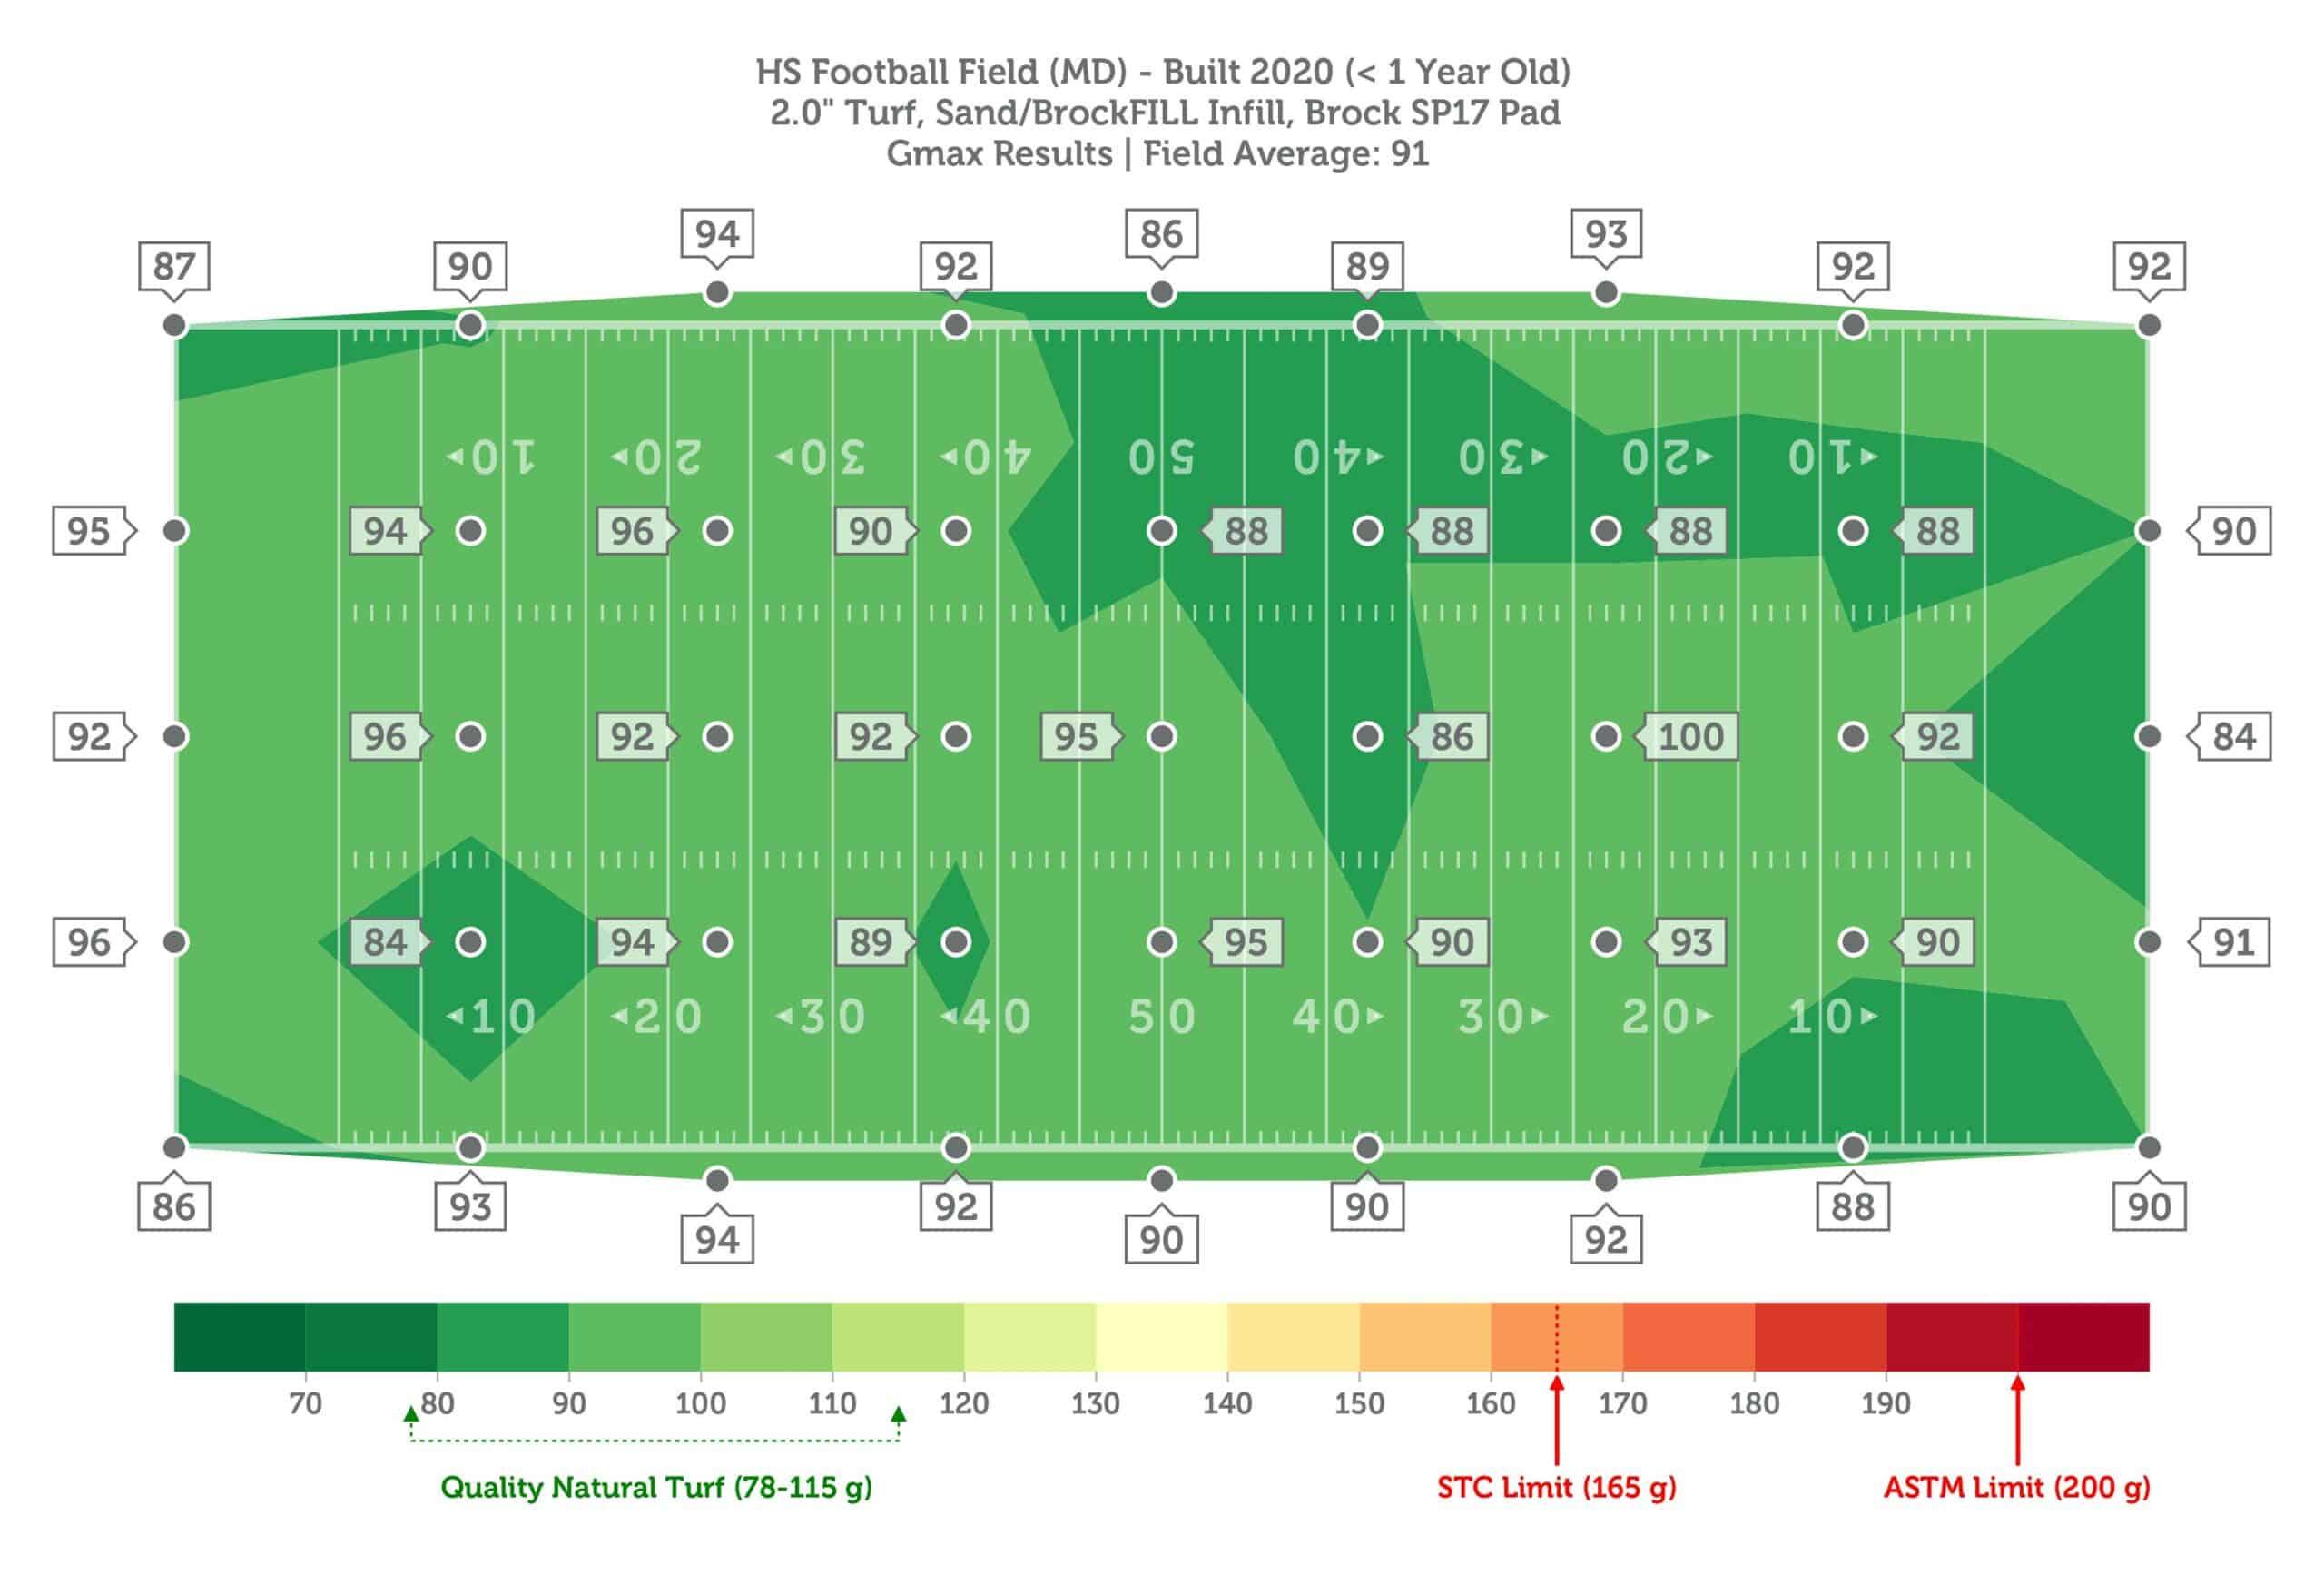 HS Football Field (MD), 0yo, Brock SP17 Pad, Sand-BrockFILL, GMAX